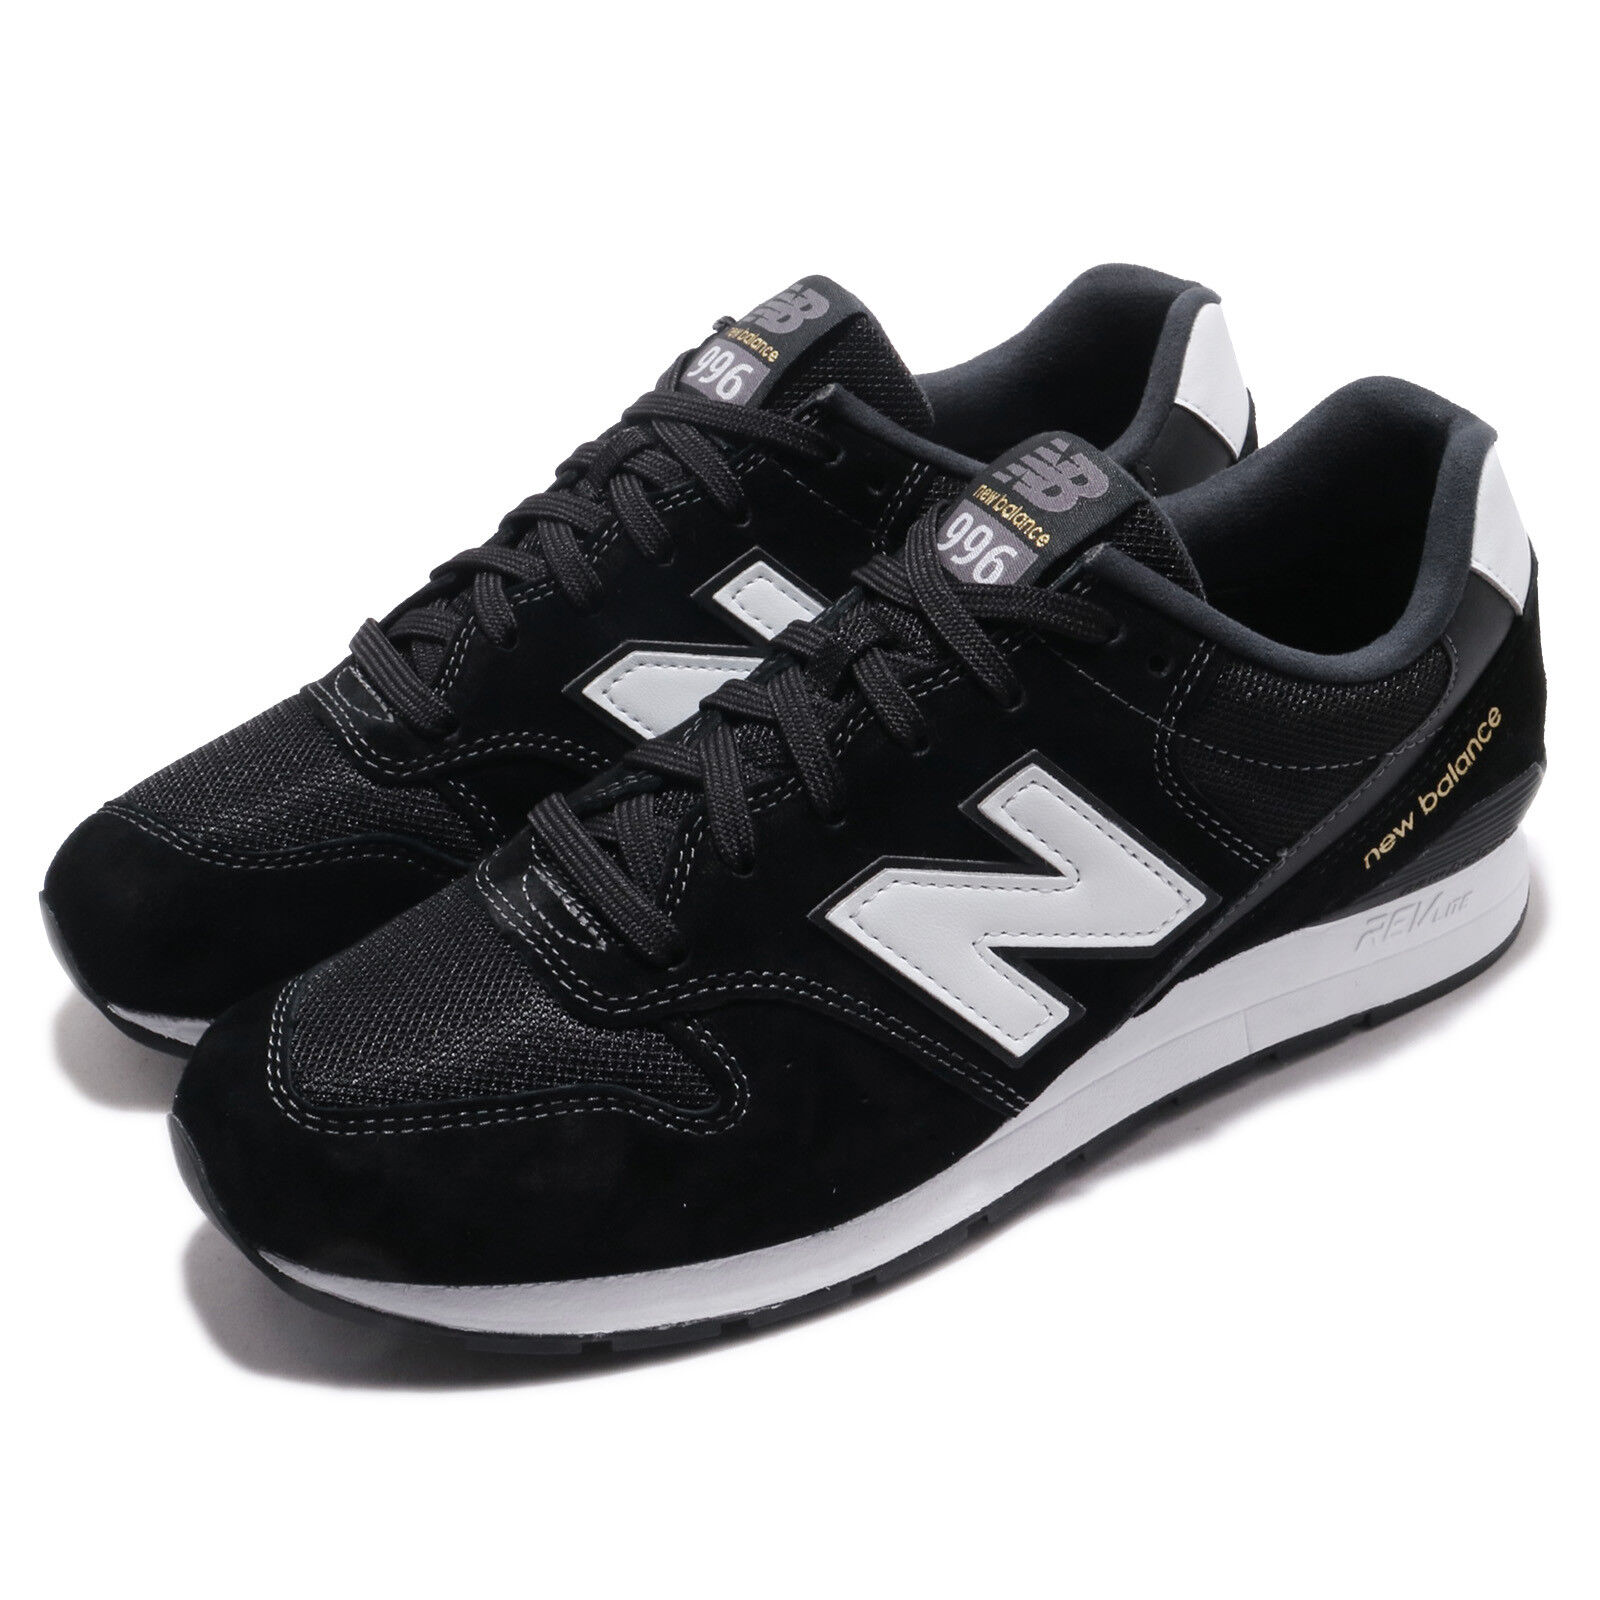 New Balance MRL996PK D Black White gold Men Running shoes Sneakers MRL996PKD